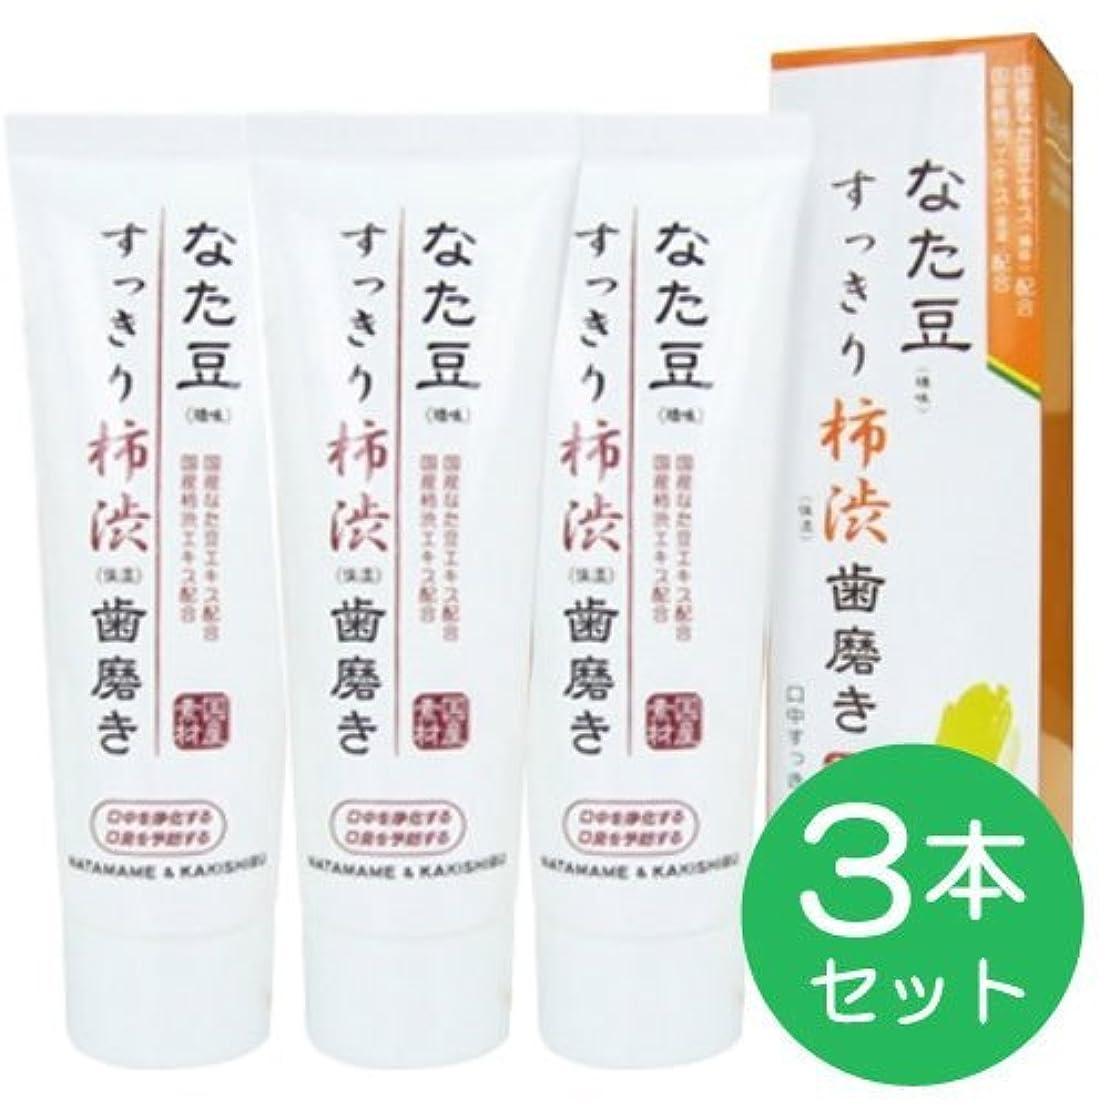 開発する争い現在なた豆すっきり柿渋歯磨き粉 (3個)